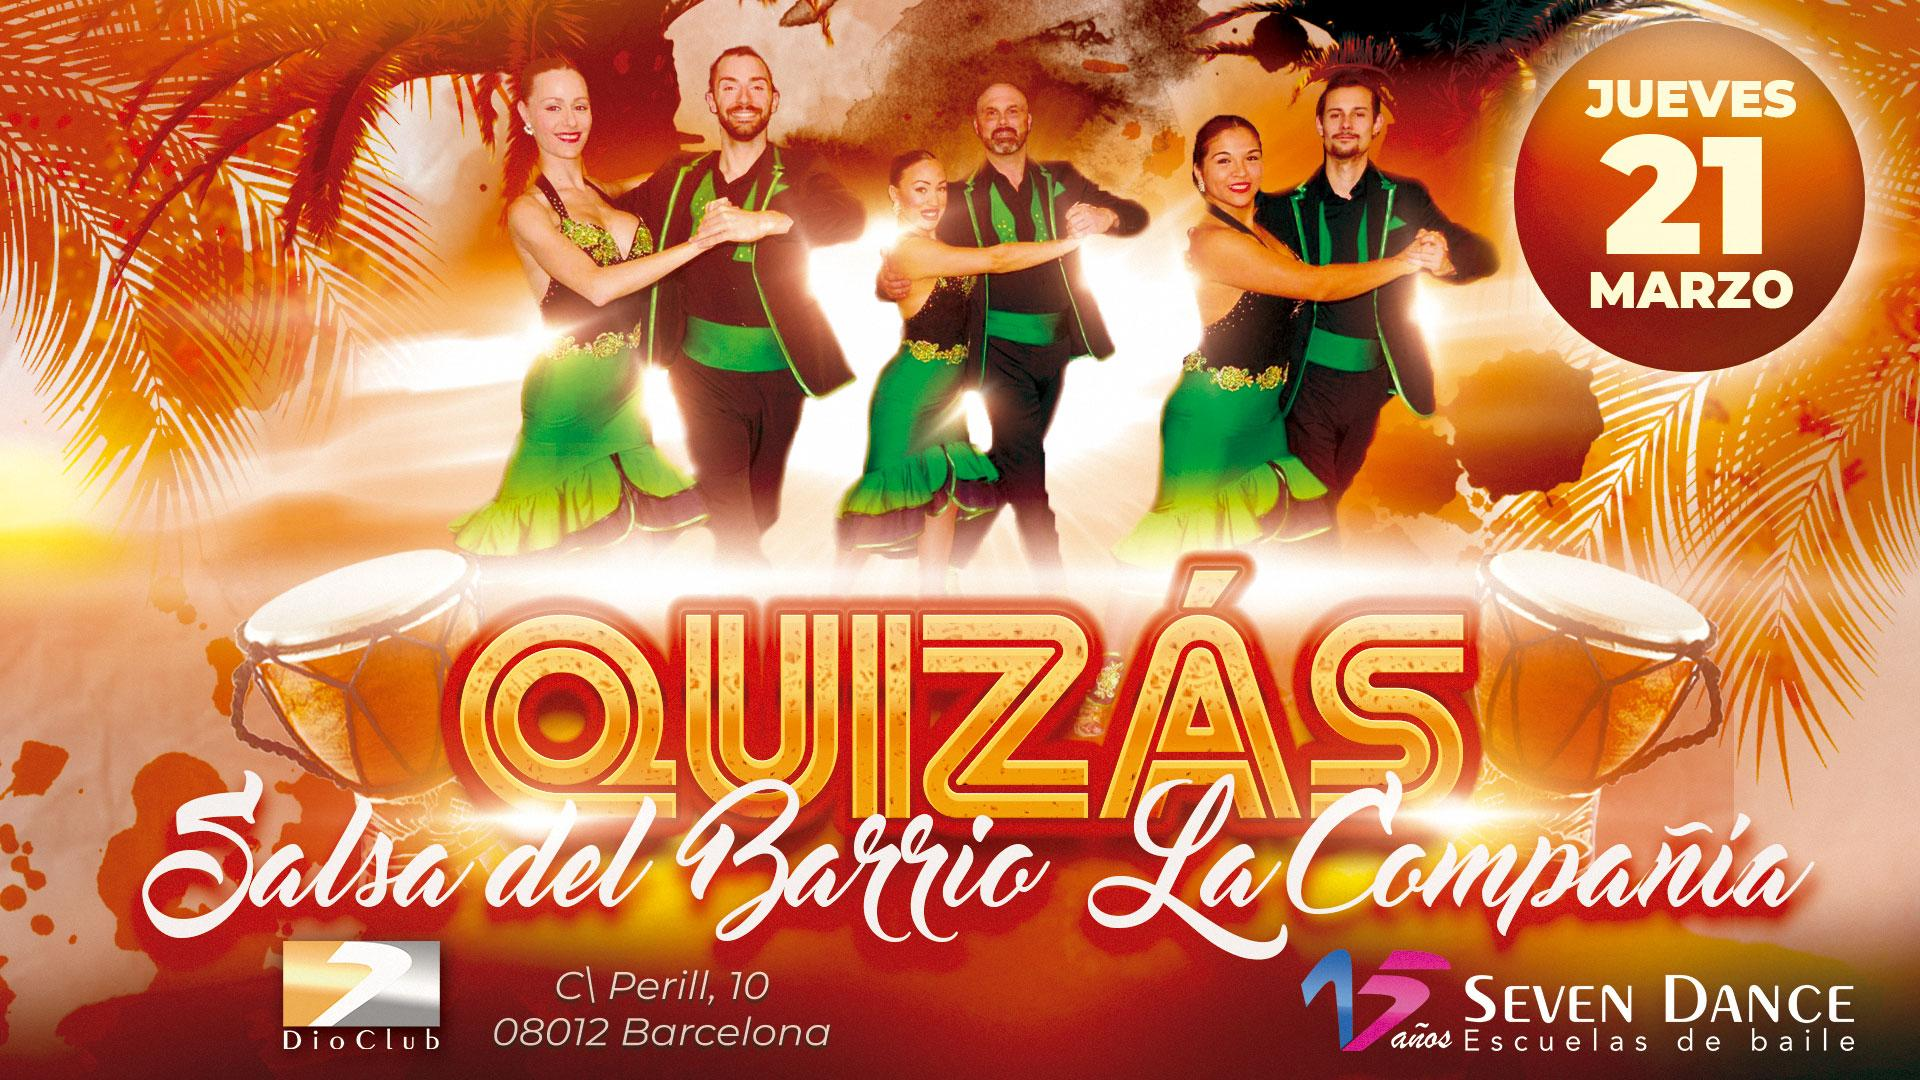 ATENCION Especial Show de Salsa del Barrio con la coreografía QUIZAS